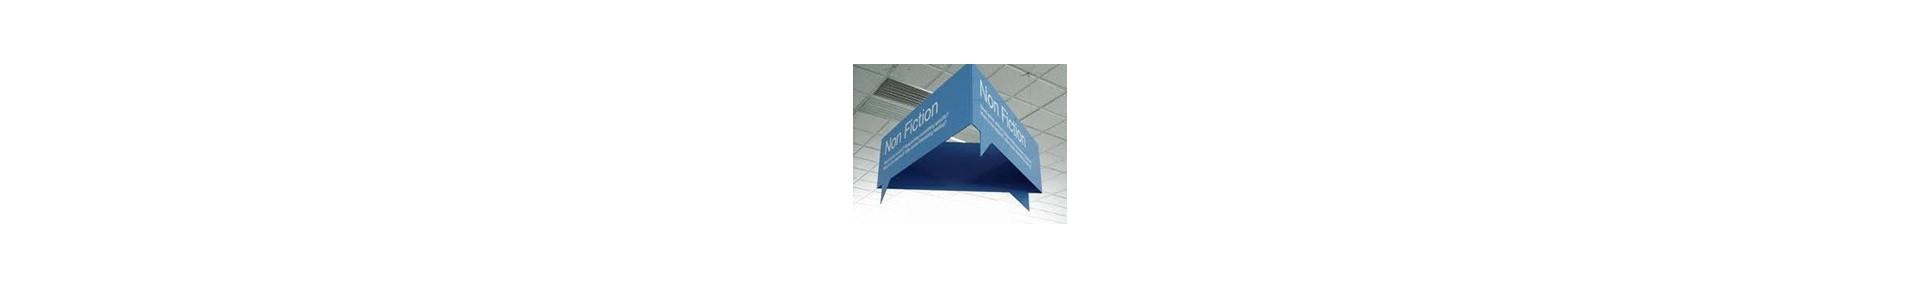 tradeshow displays, exhibits, pop up displays, hanging signs, banner s